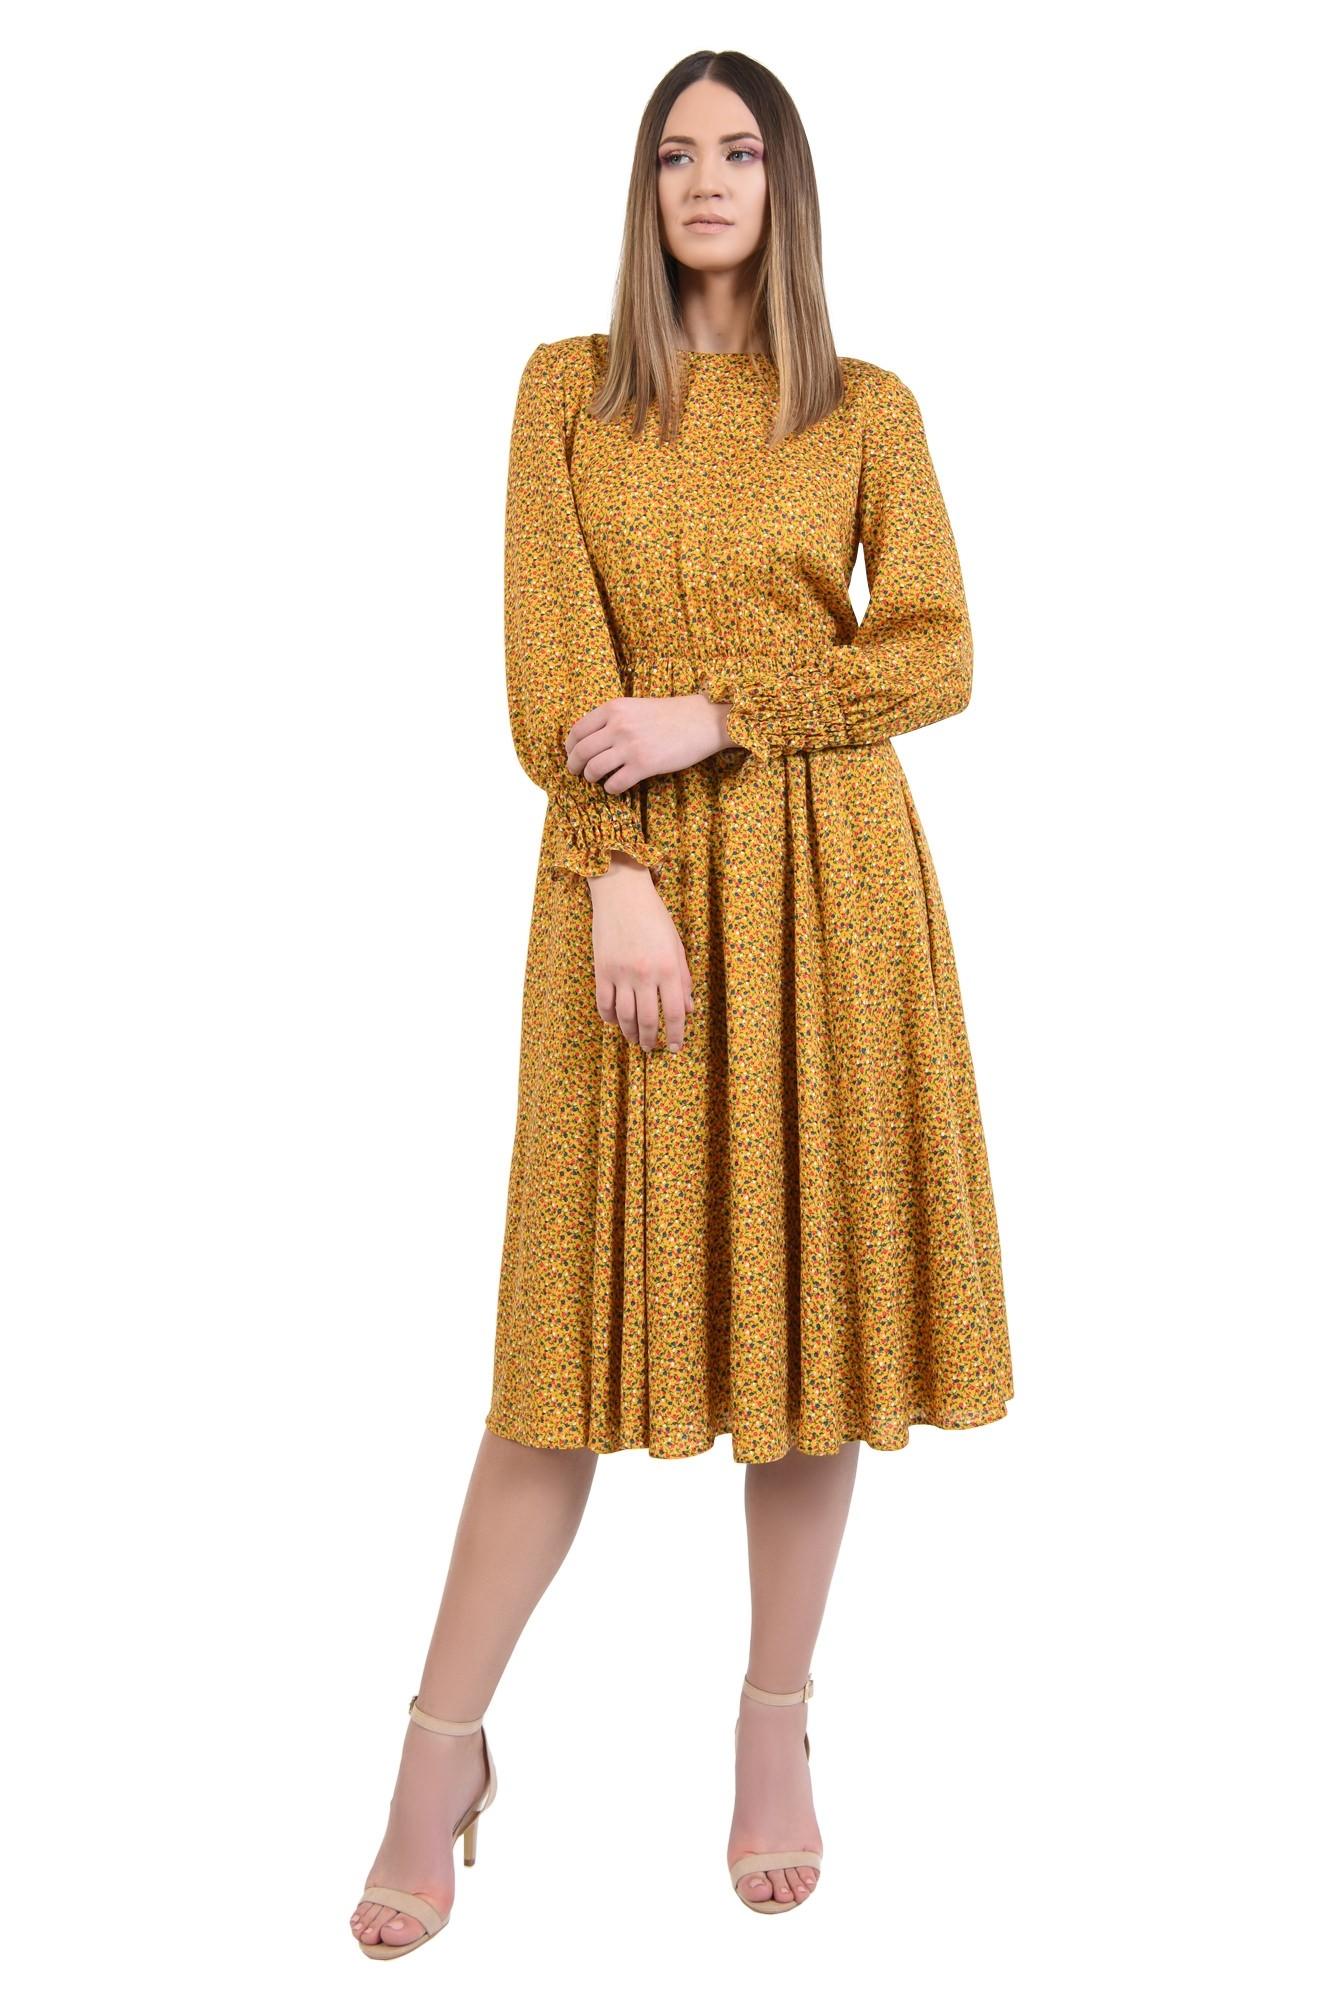 0 - rochie midi, din viscoza, cu imprimeu, maneci lungi cu mansete, croi clos